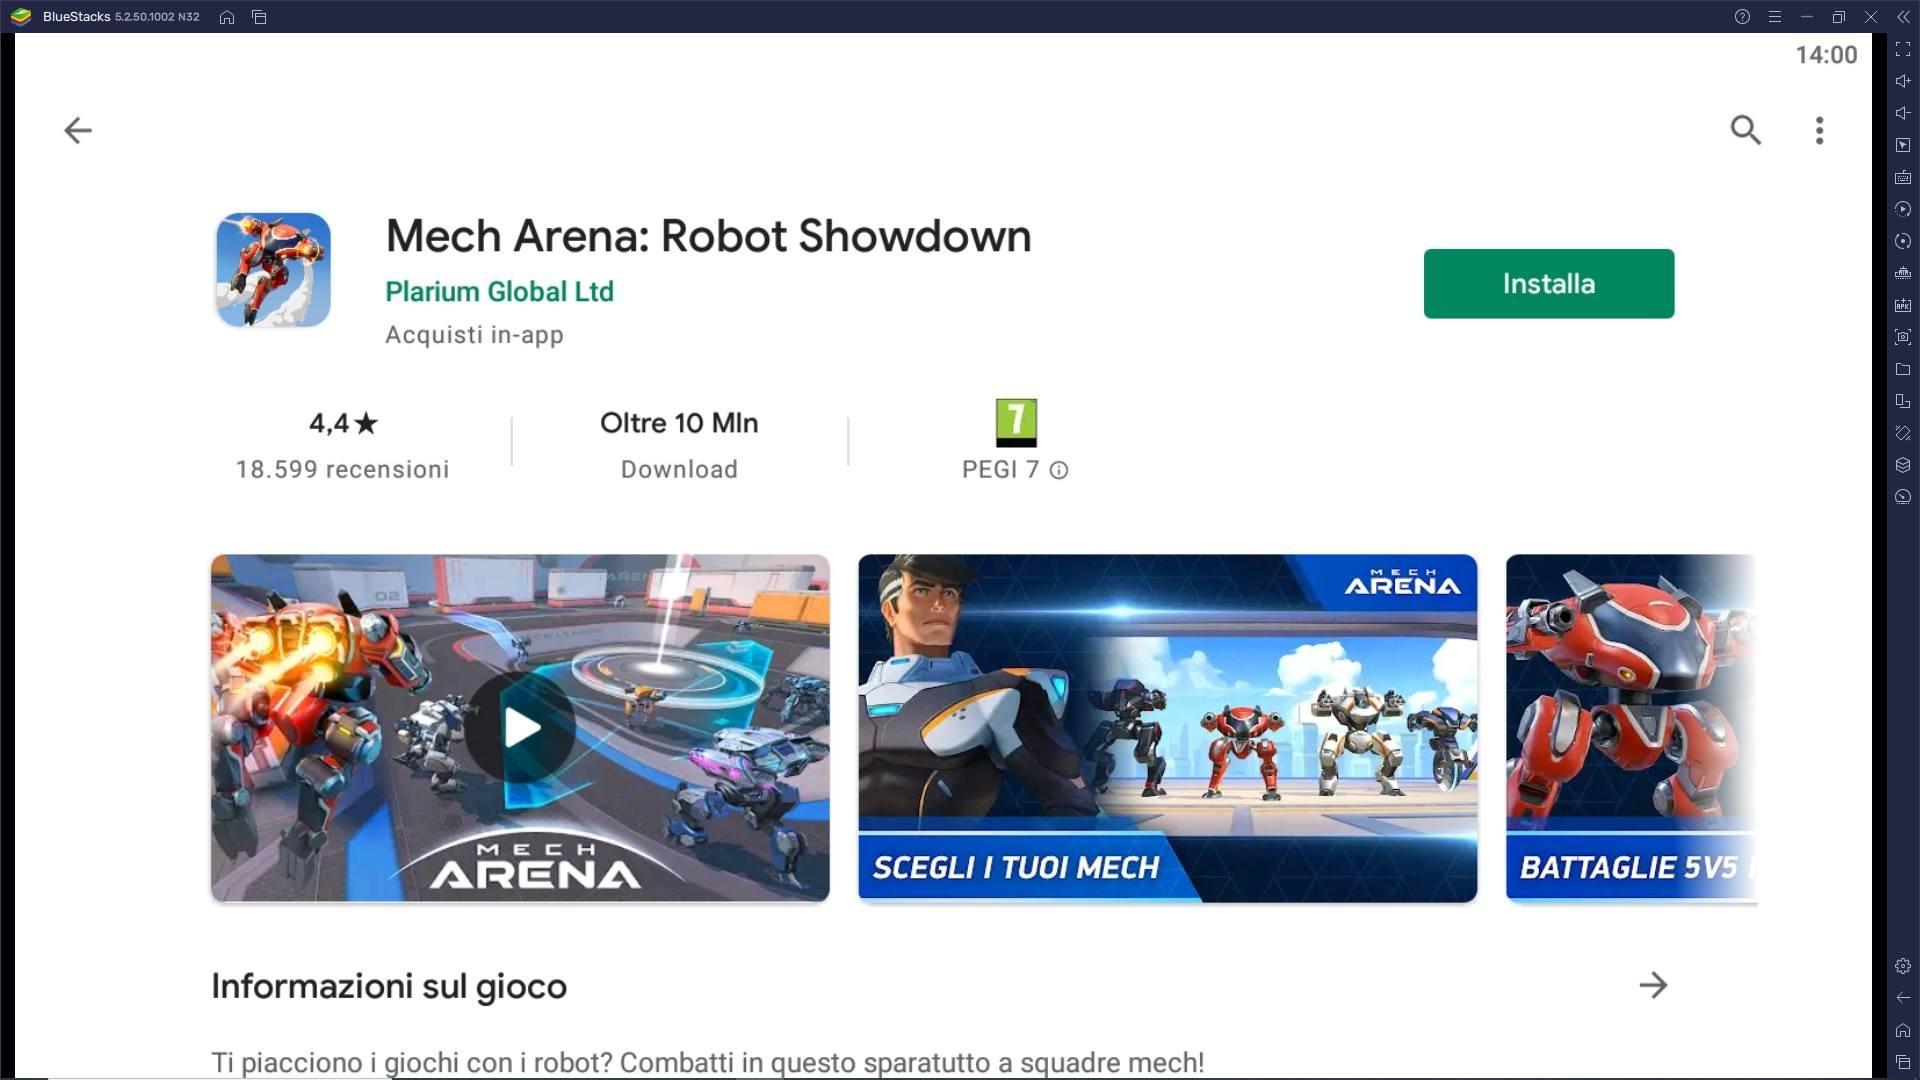 Gioca Mech Arena: Robot Showdown su PC con BlueStacks e preparati a competere